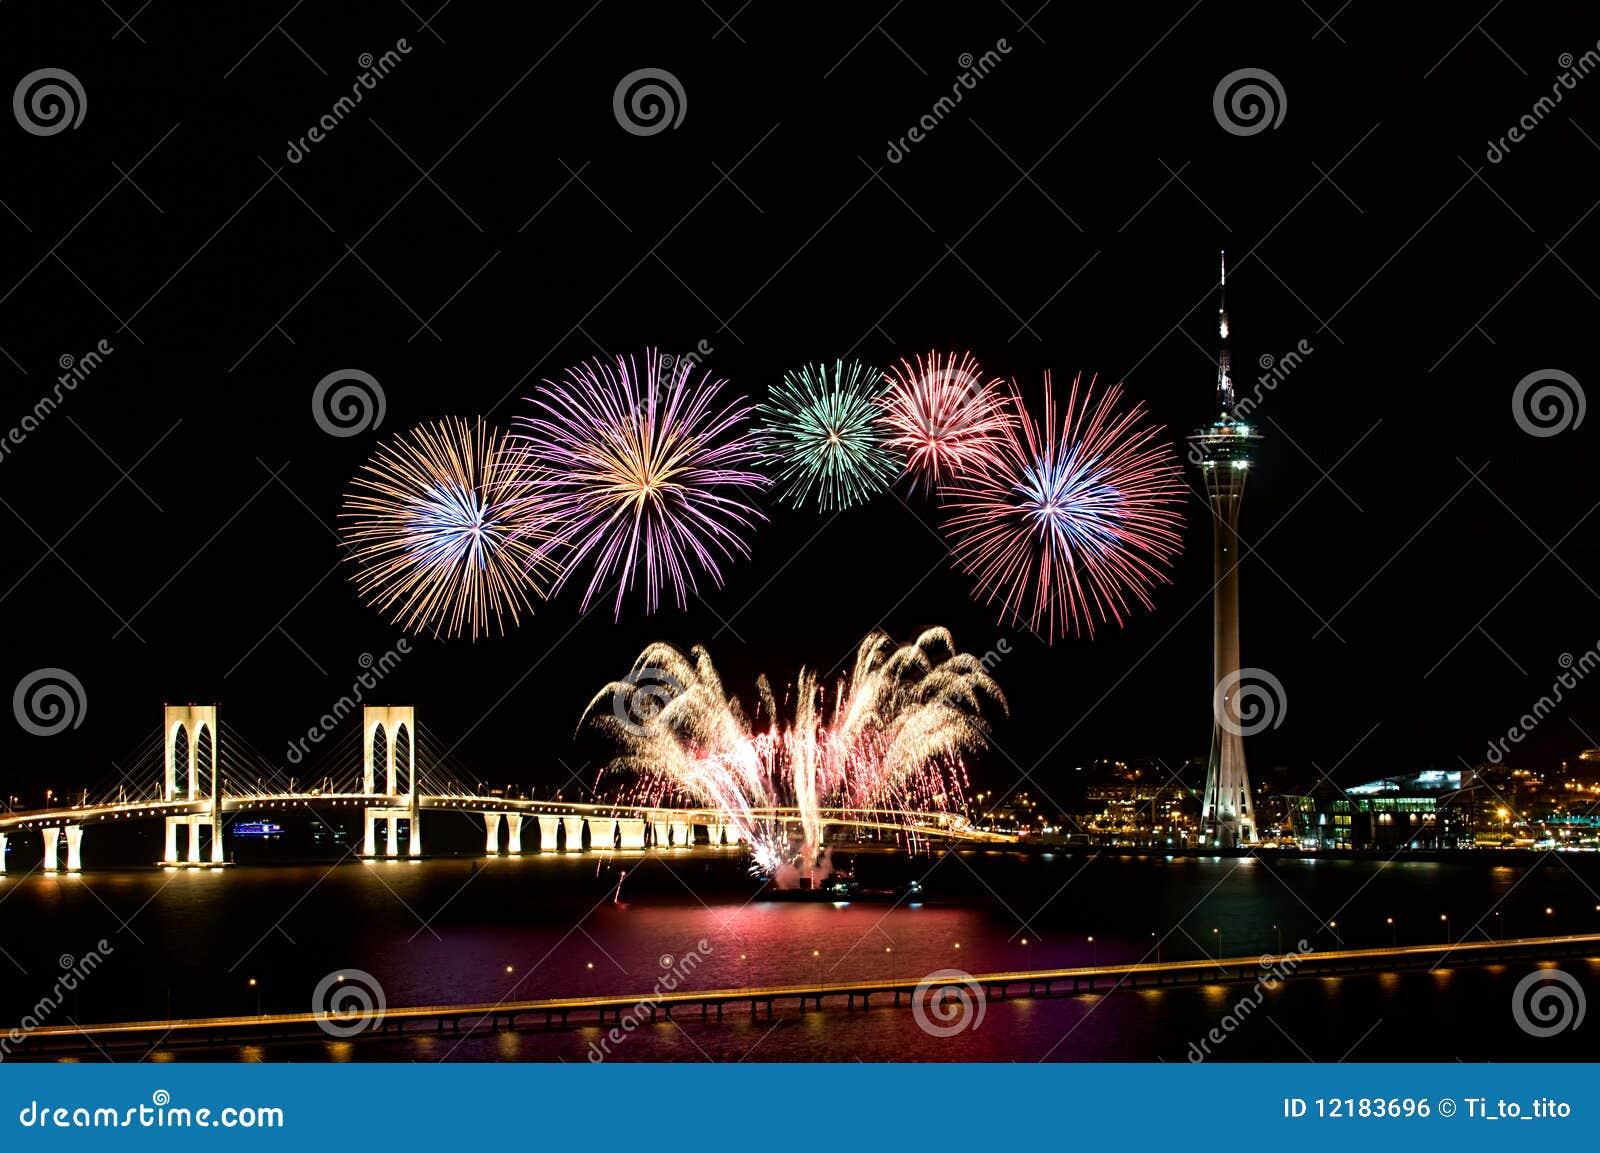 Macauinternational-Feuerwerke